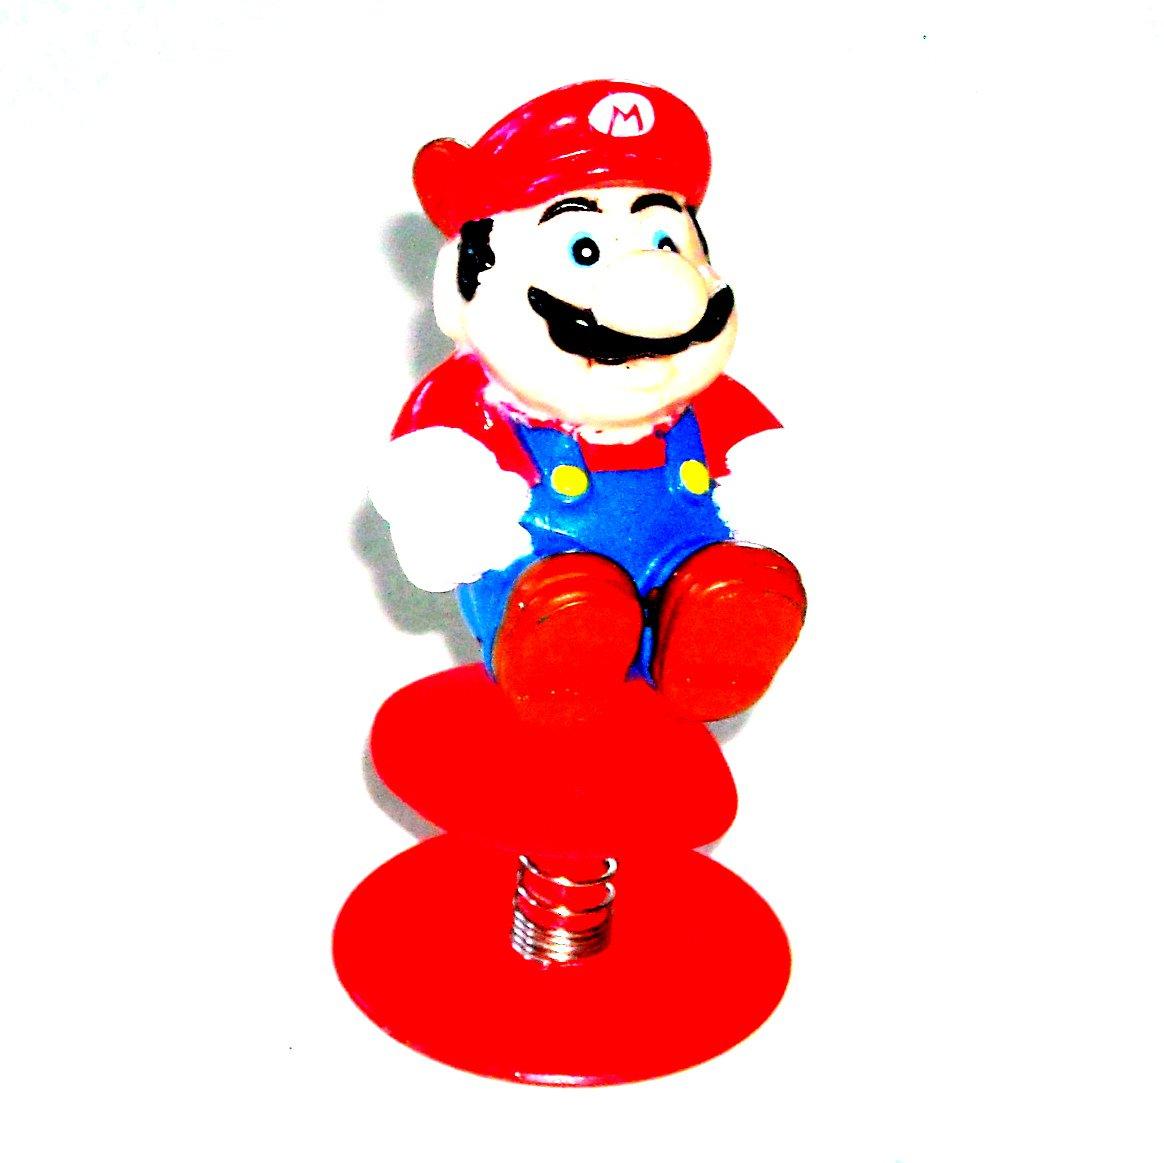 Nintendo Super Mario McDonald's Happy Meal Mario Toys 1989